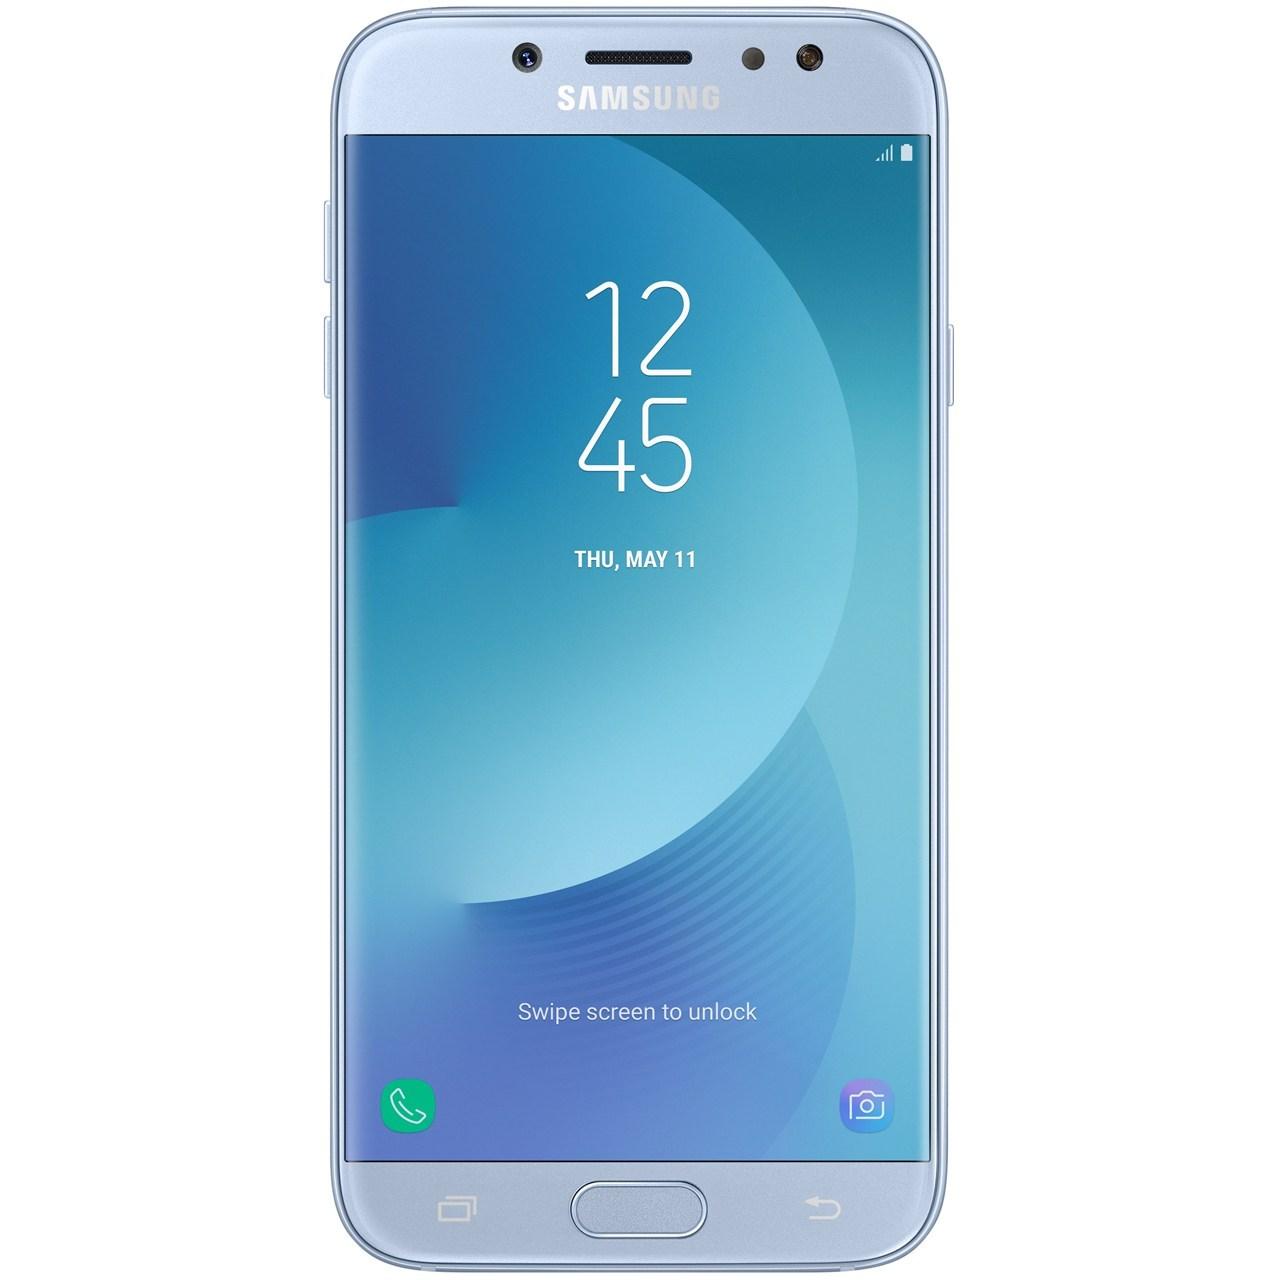 گوشی موبایل سامسونگ مدل Galaxy J7 Pro SM-J730F دو سیم کارت ظرفیت 32 گیگابایت